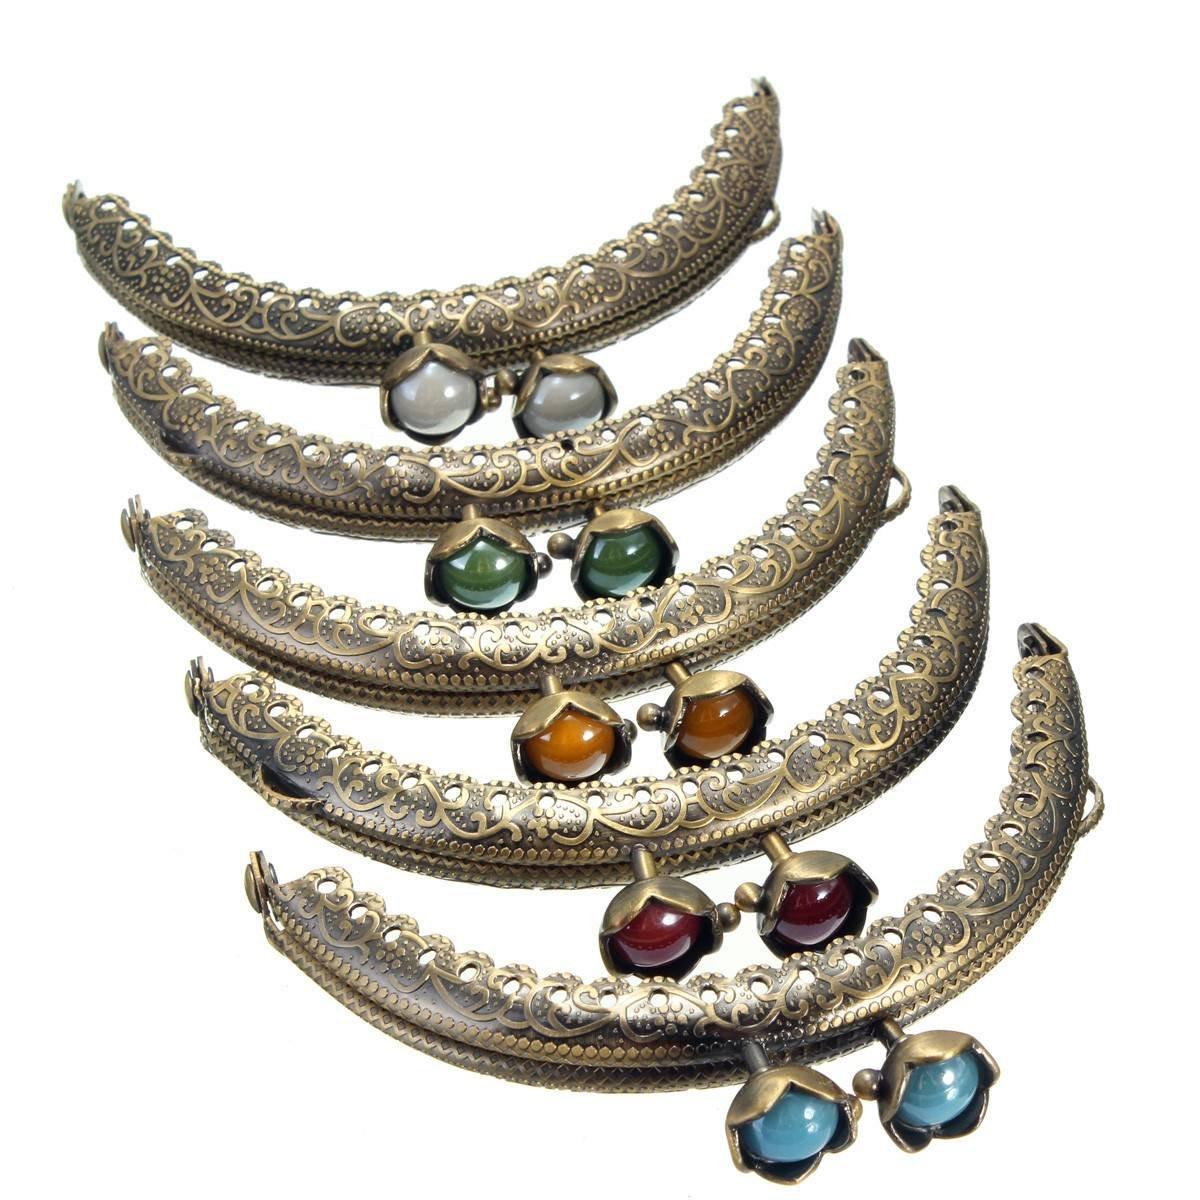 KING DO WAY Set di 5 Pezzi Chiusure di Borsa/Portafogli, Chiusura Antica con Diamante Decorativo Clic Clac per DIY 8.5cm x 5cm